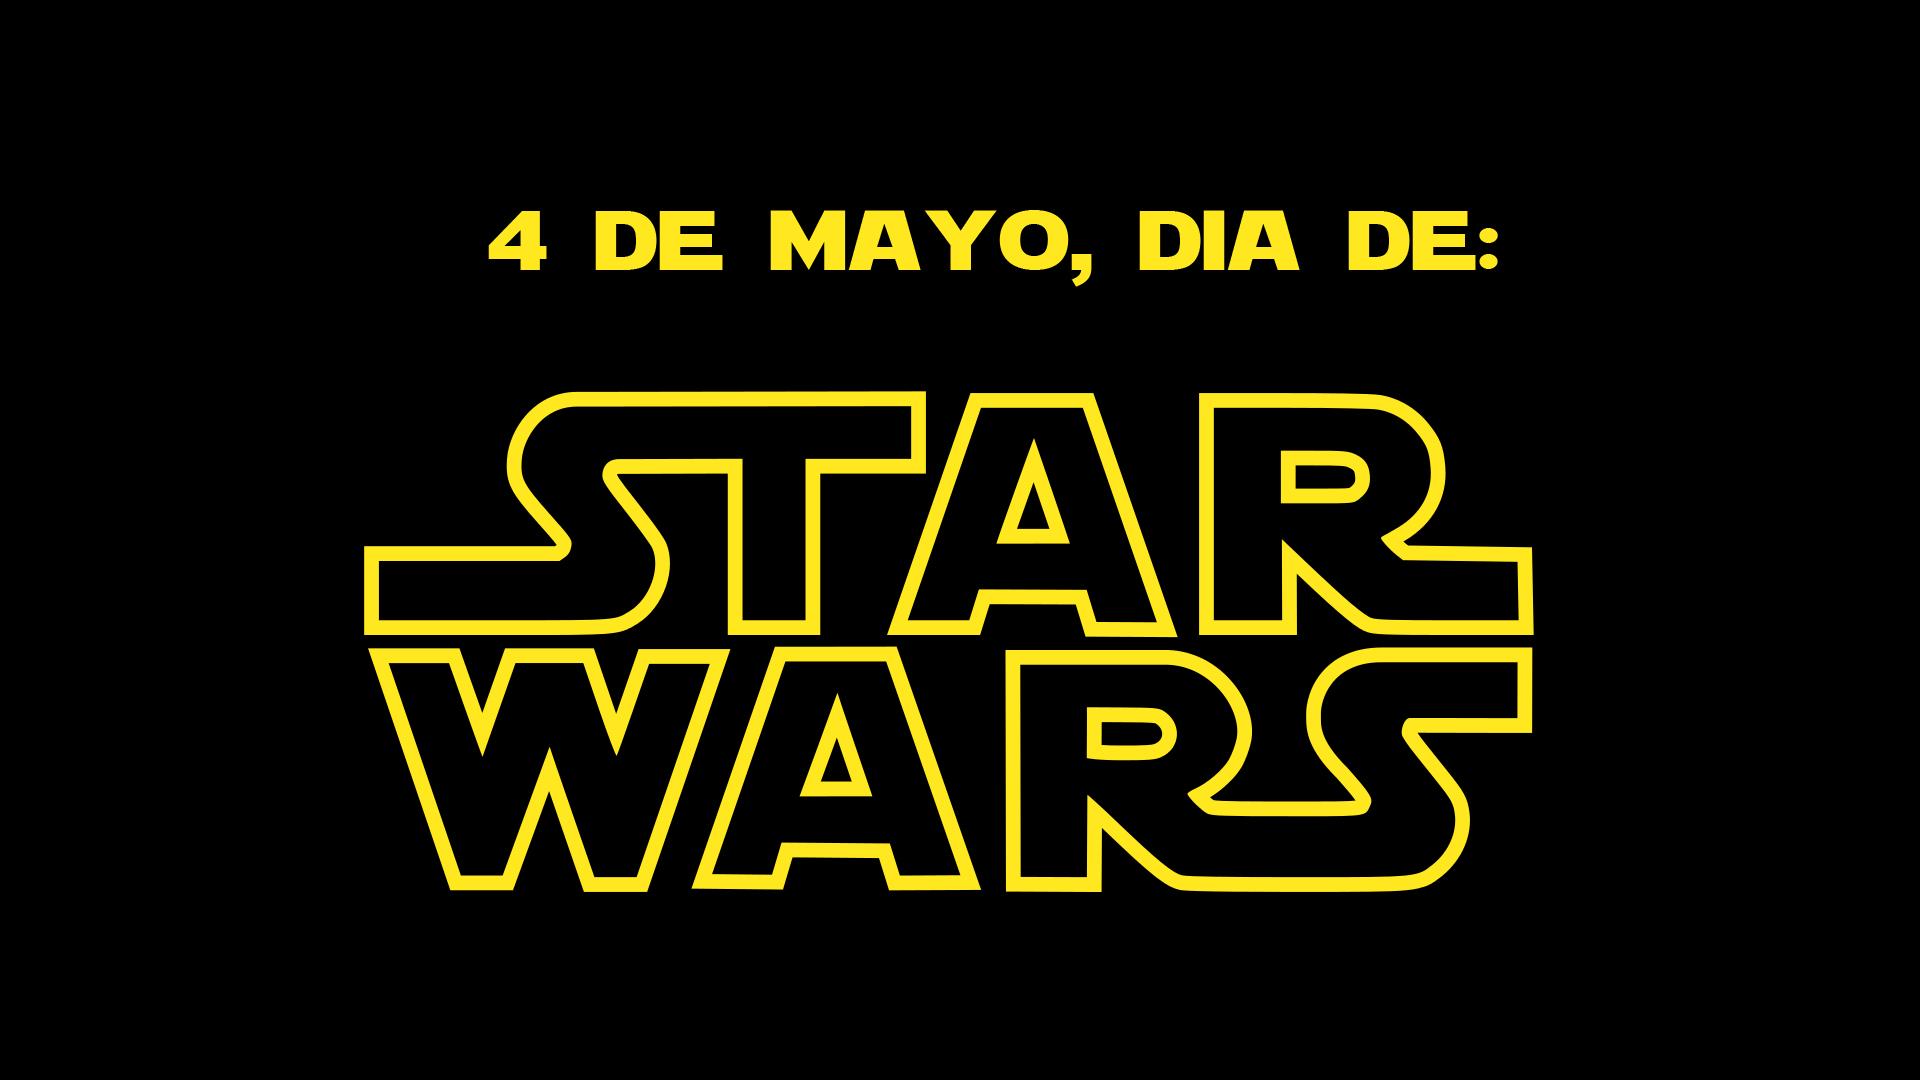 Por Qué Se Celebra El Día De Star Wars El 4 De Mayo